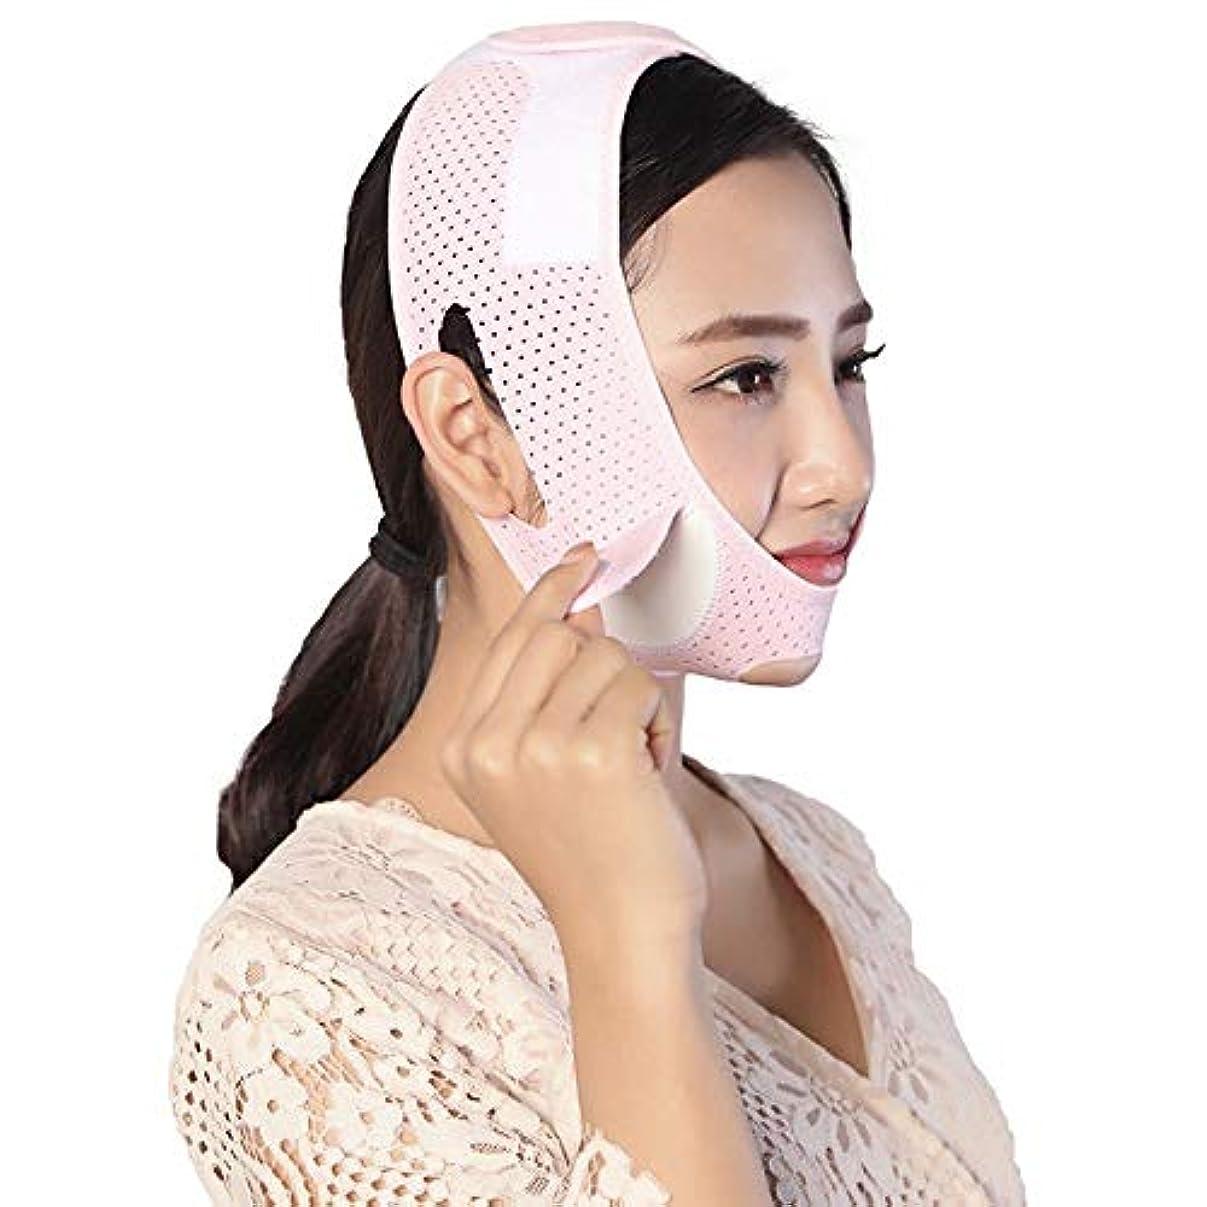 伸ばす軍団モナリザ薄い顔のバンド - 薄い顔の包帯は、ダブルの顎の法令Vをマスクするために持ち上げて睡眠マスクの通気